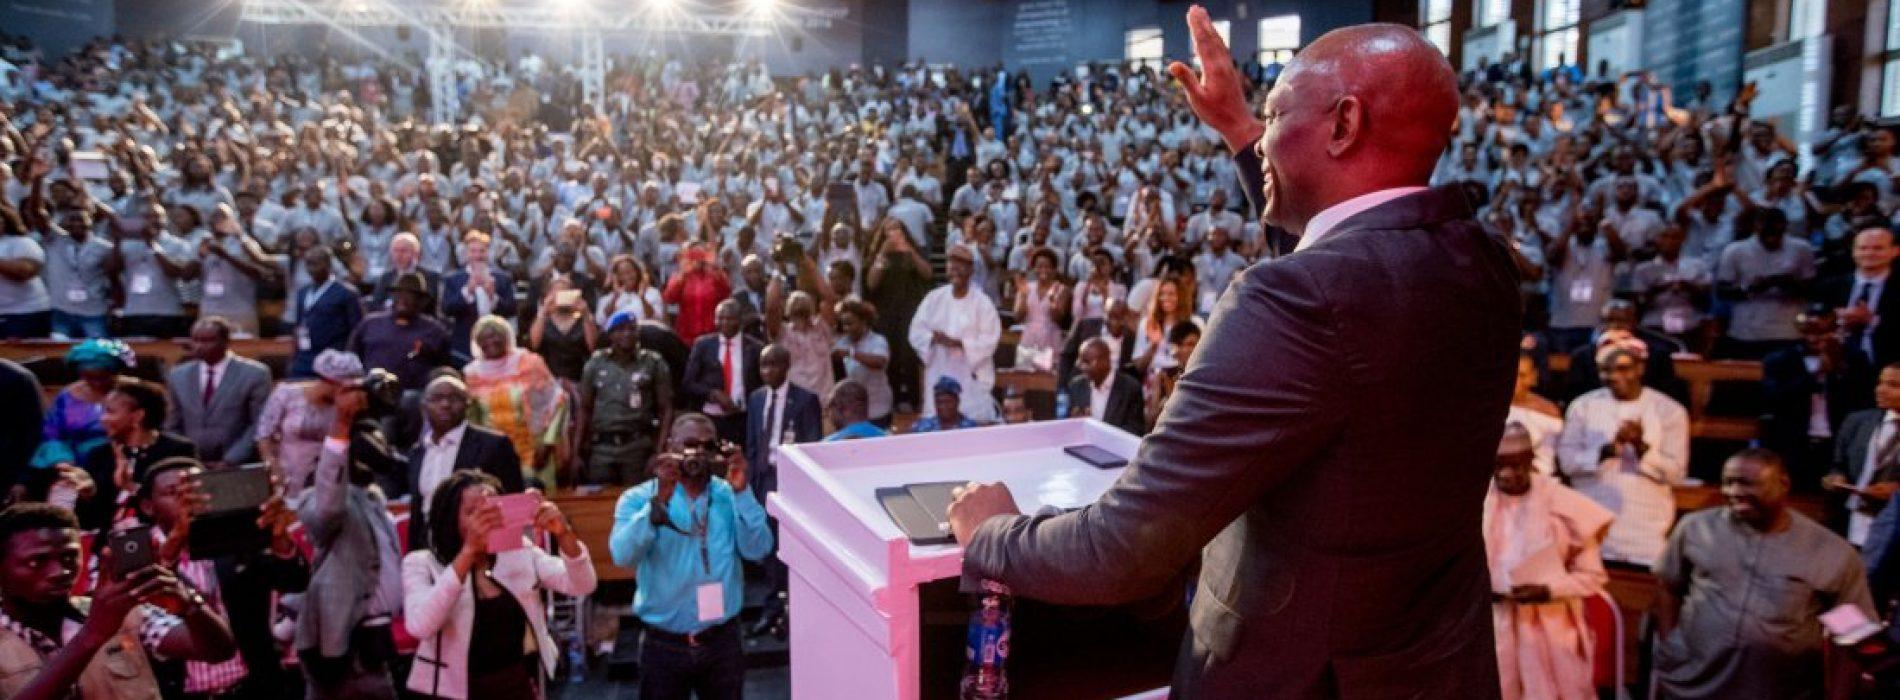 Il Nuovo 'Piano Marshall' della Germania deve trattare l'Africa come un partner alla pari